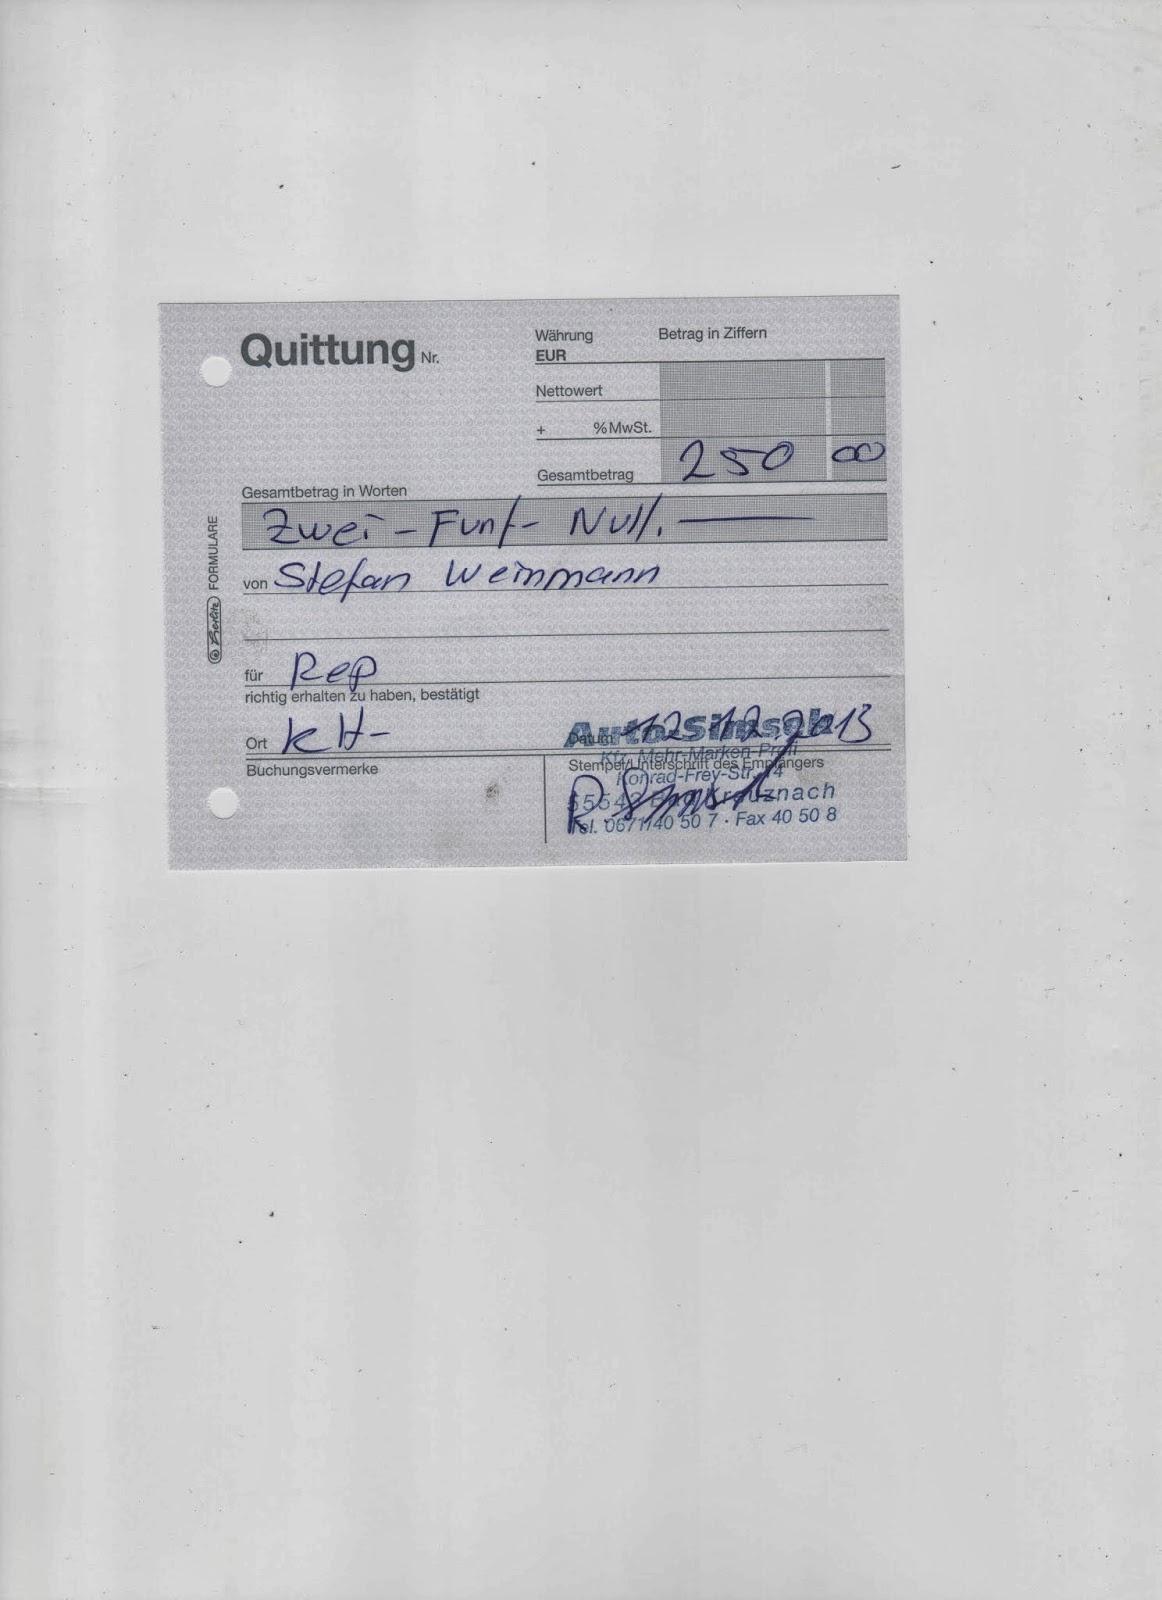 Excalibur Heute Bei Auto Simsek In Bad Kreuznach Rechnung Bezahlt